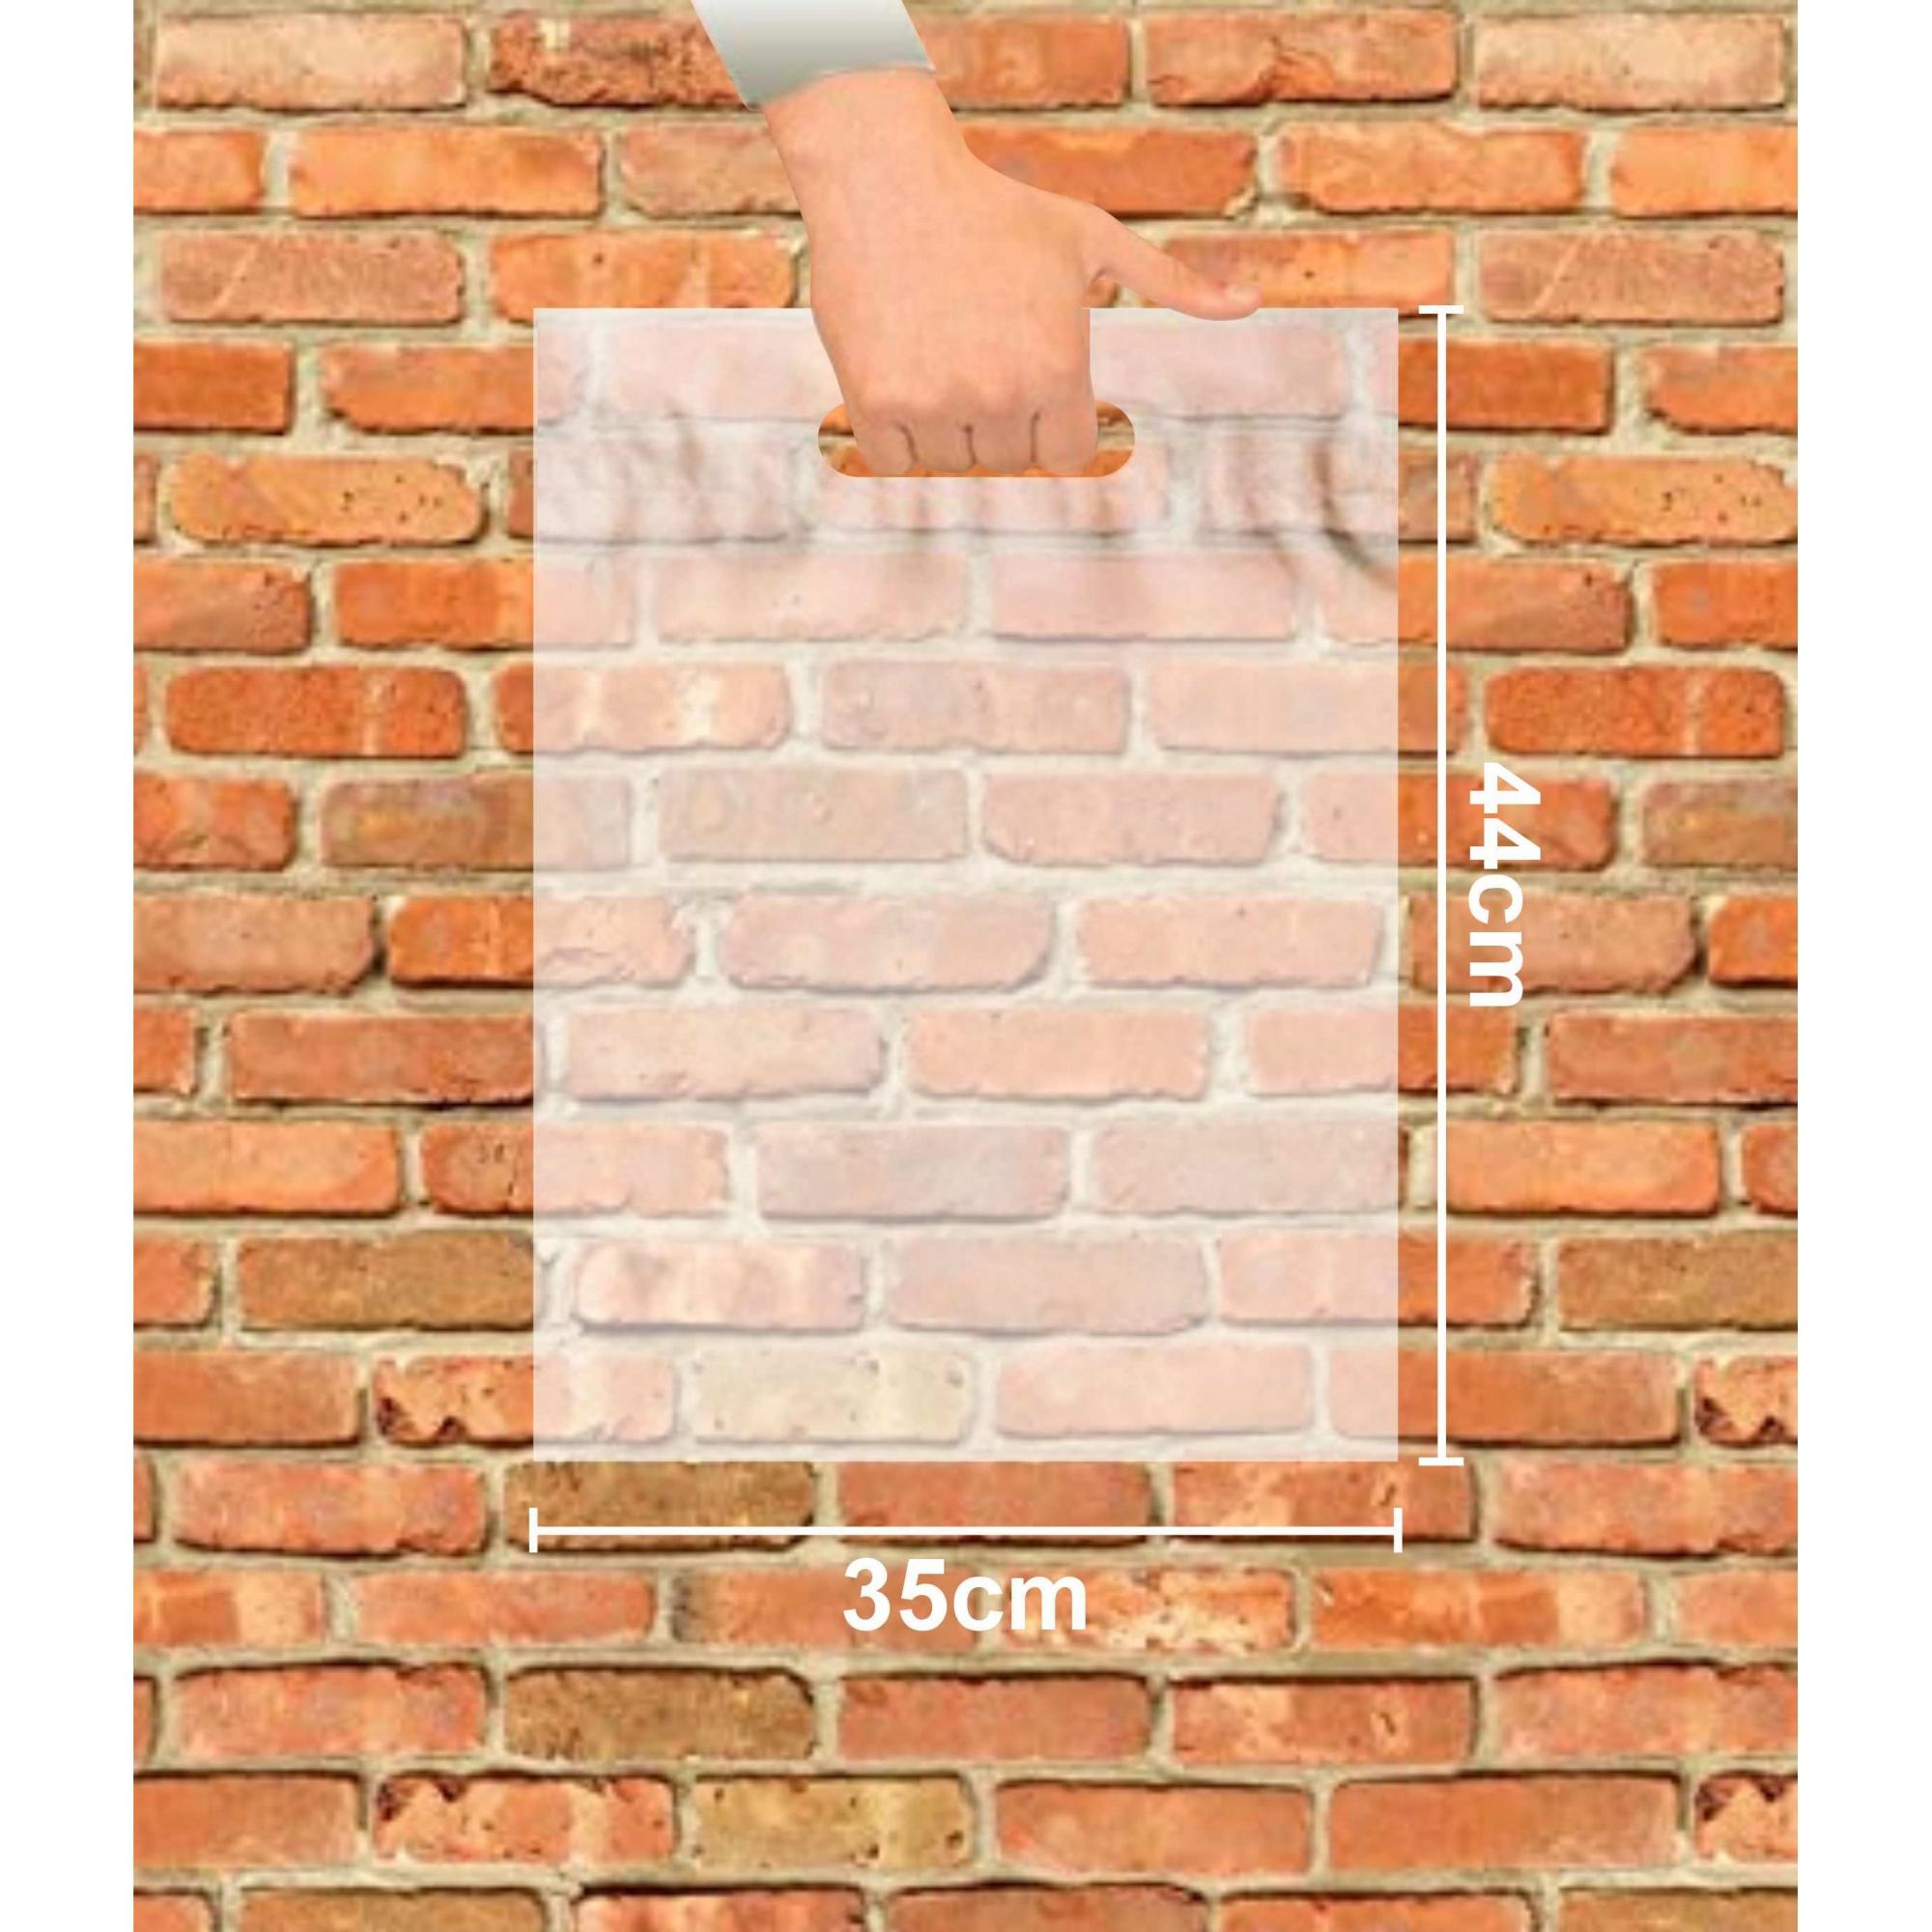 Sacola Plástica 35x44 Transparente Alça Boca de Palhaço 500 Unidades